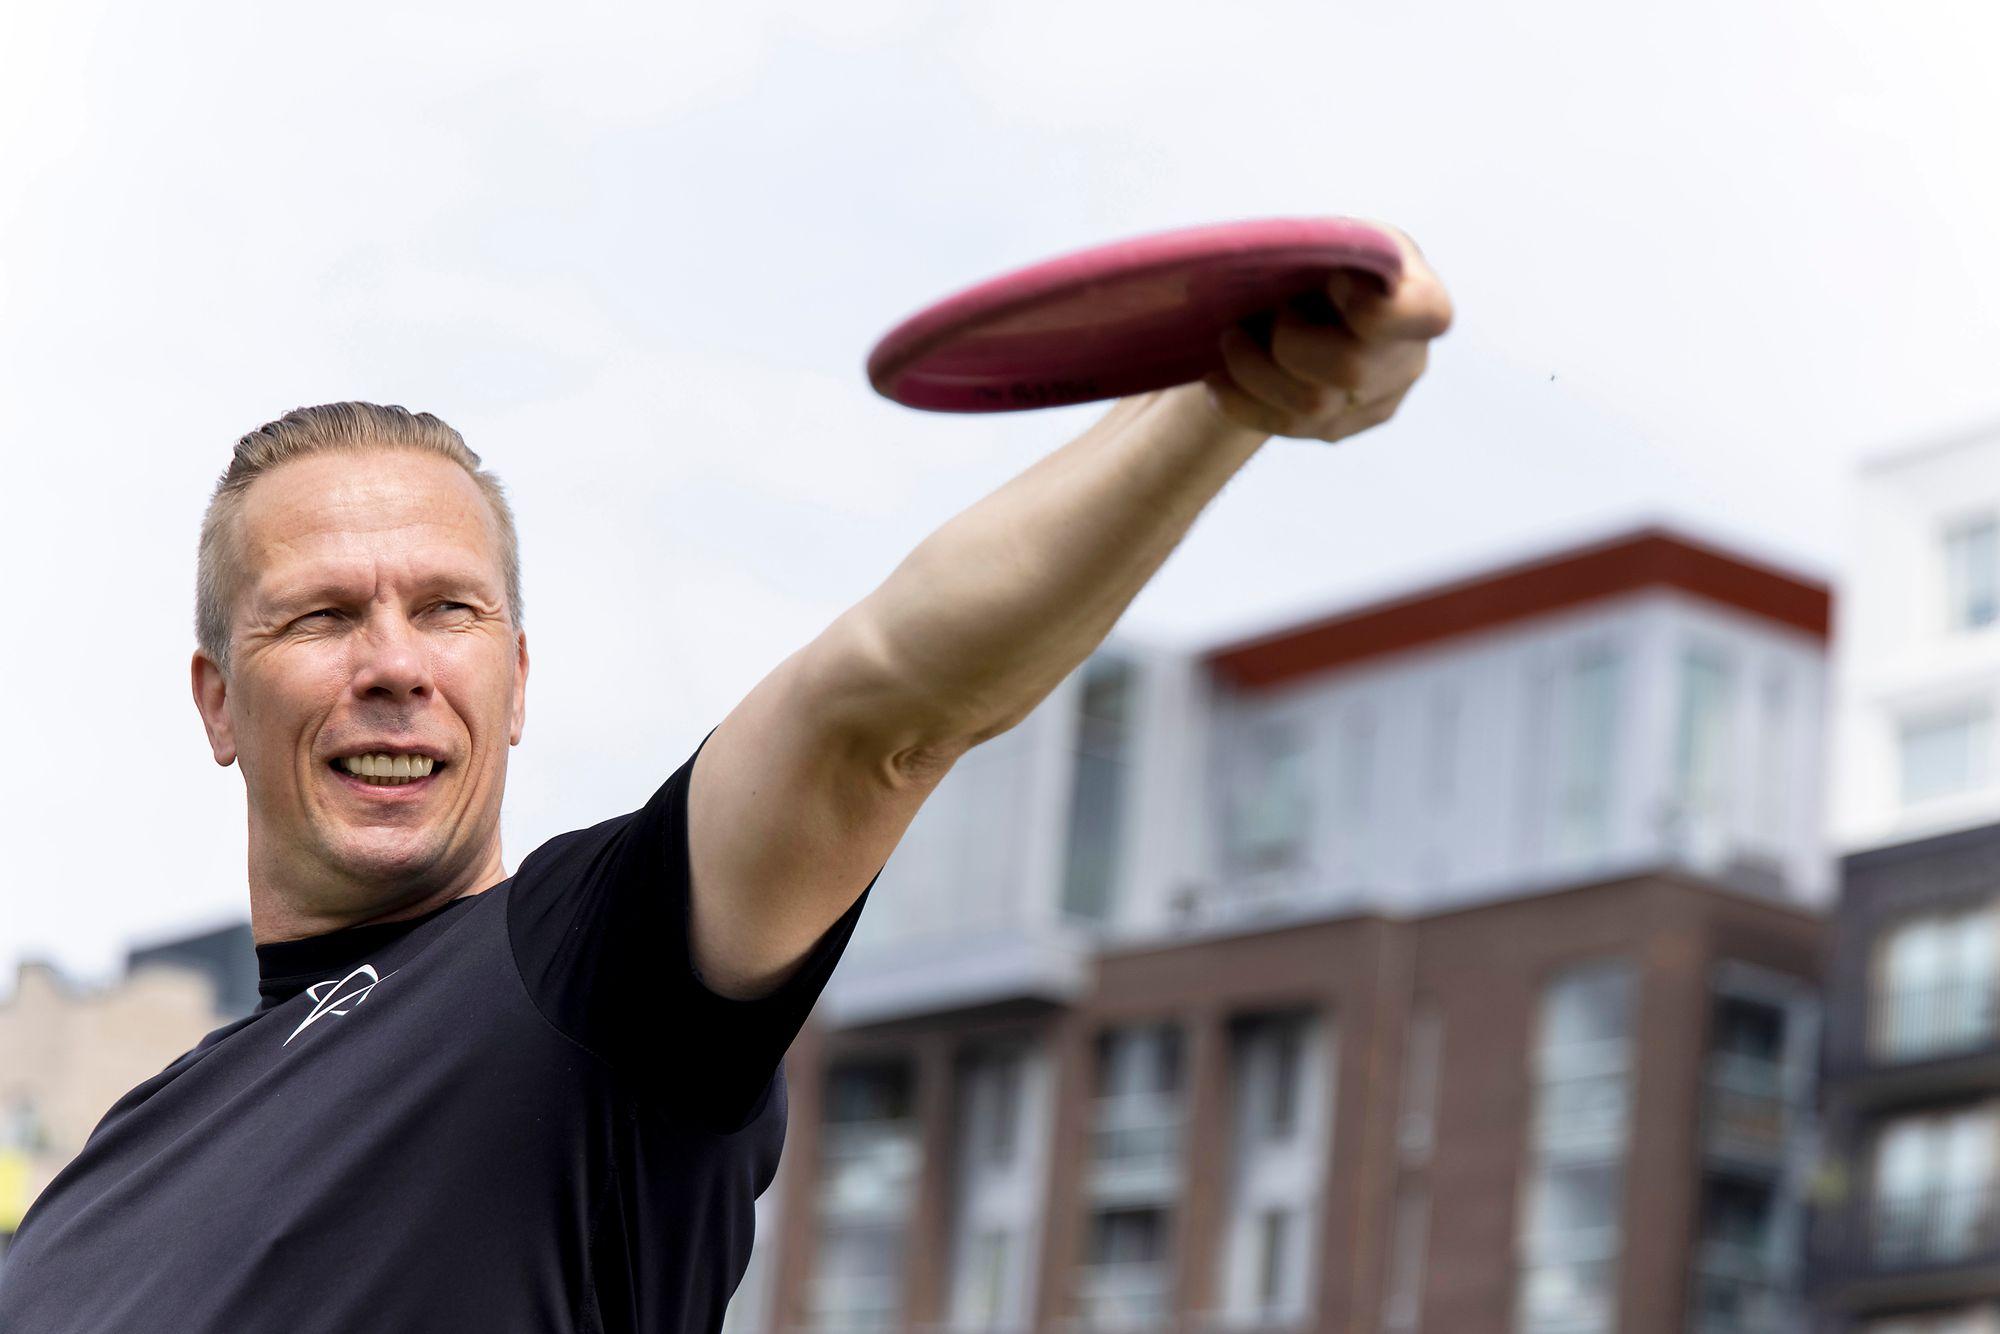 Jukka alkoi harrastaa useita liikuntalajeja. Frisbeegolf on yksi hänen suosikeistaan. © Tommi Tuomi